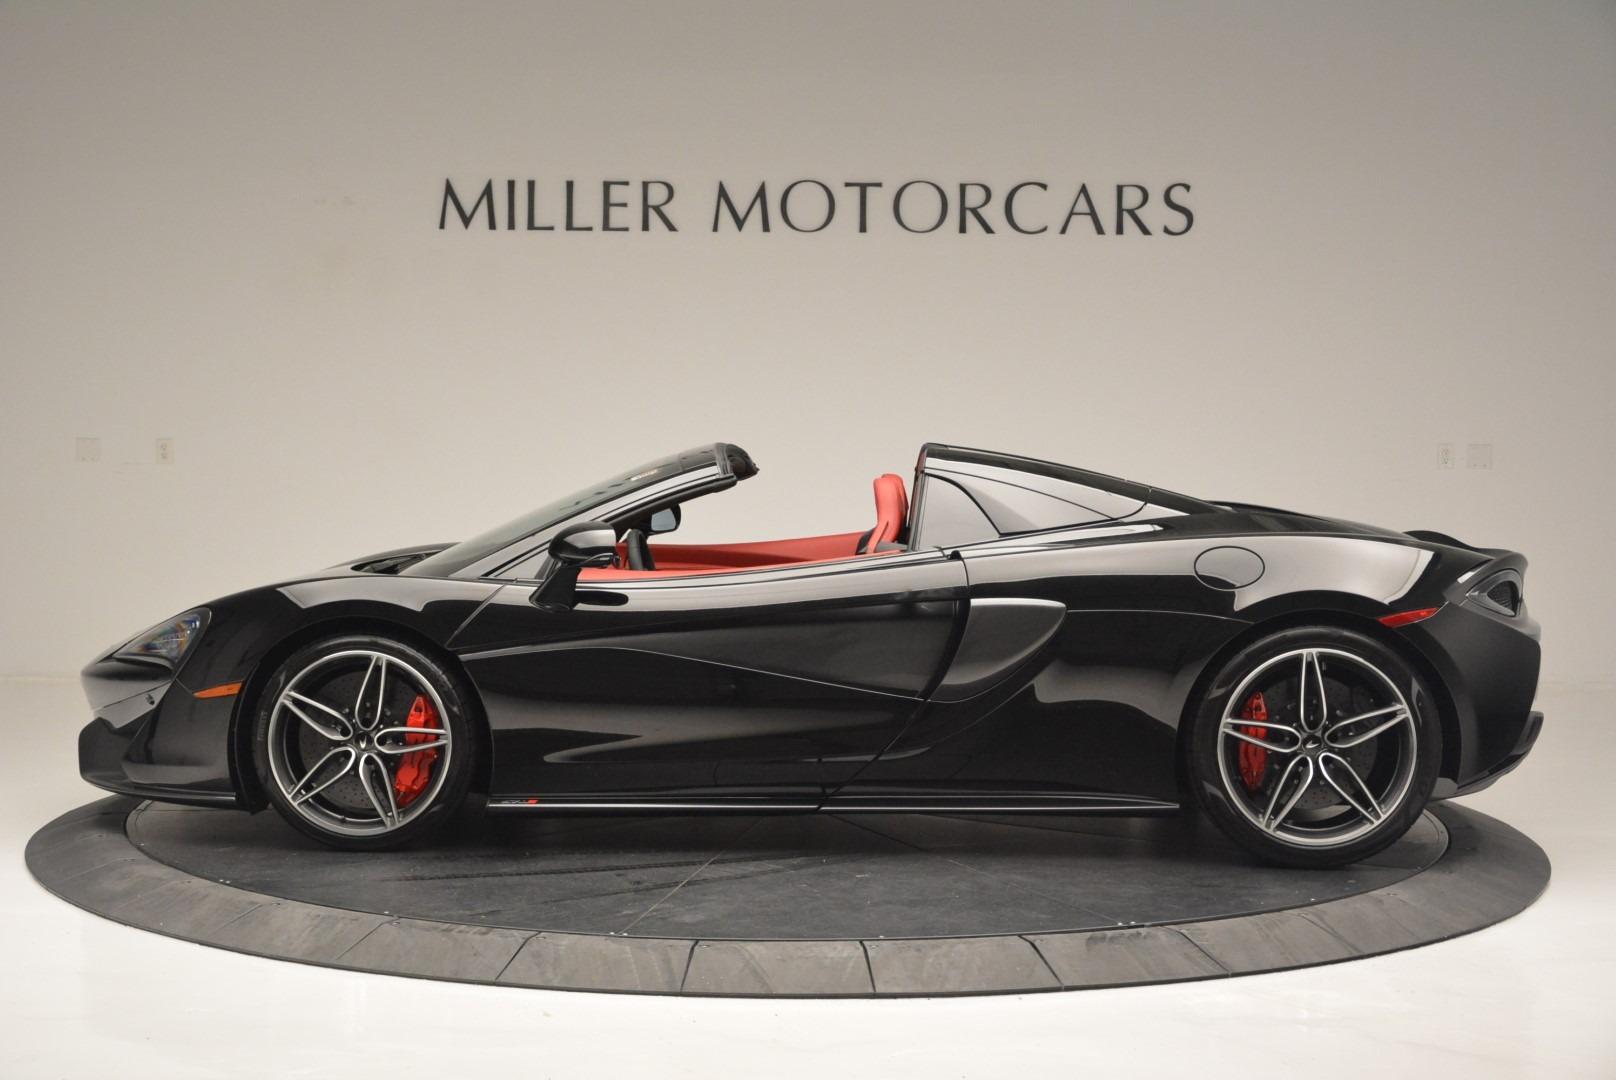 New 2019 McLaren 570S Spider Convertible For Sale In Westport, CT 2522_p3